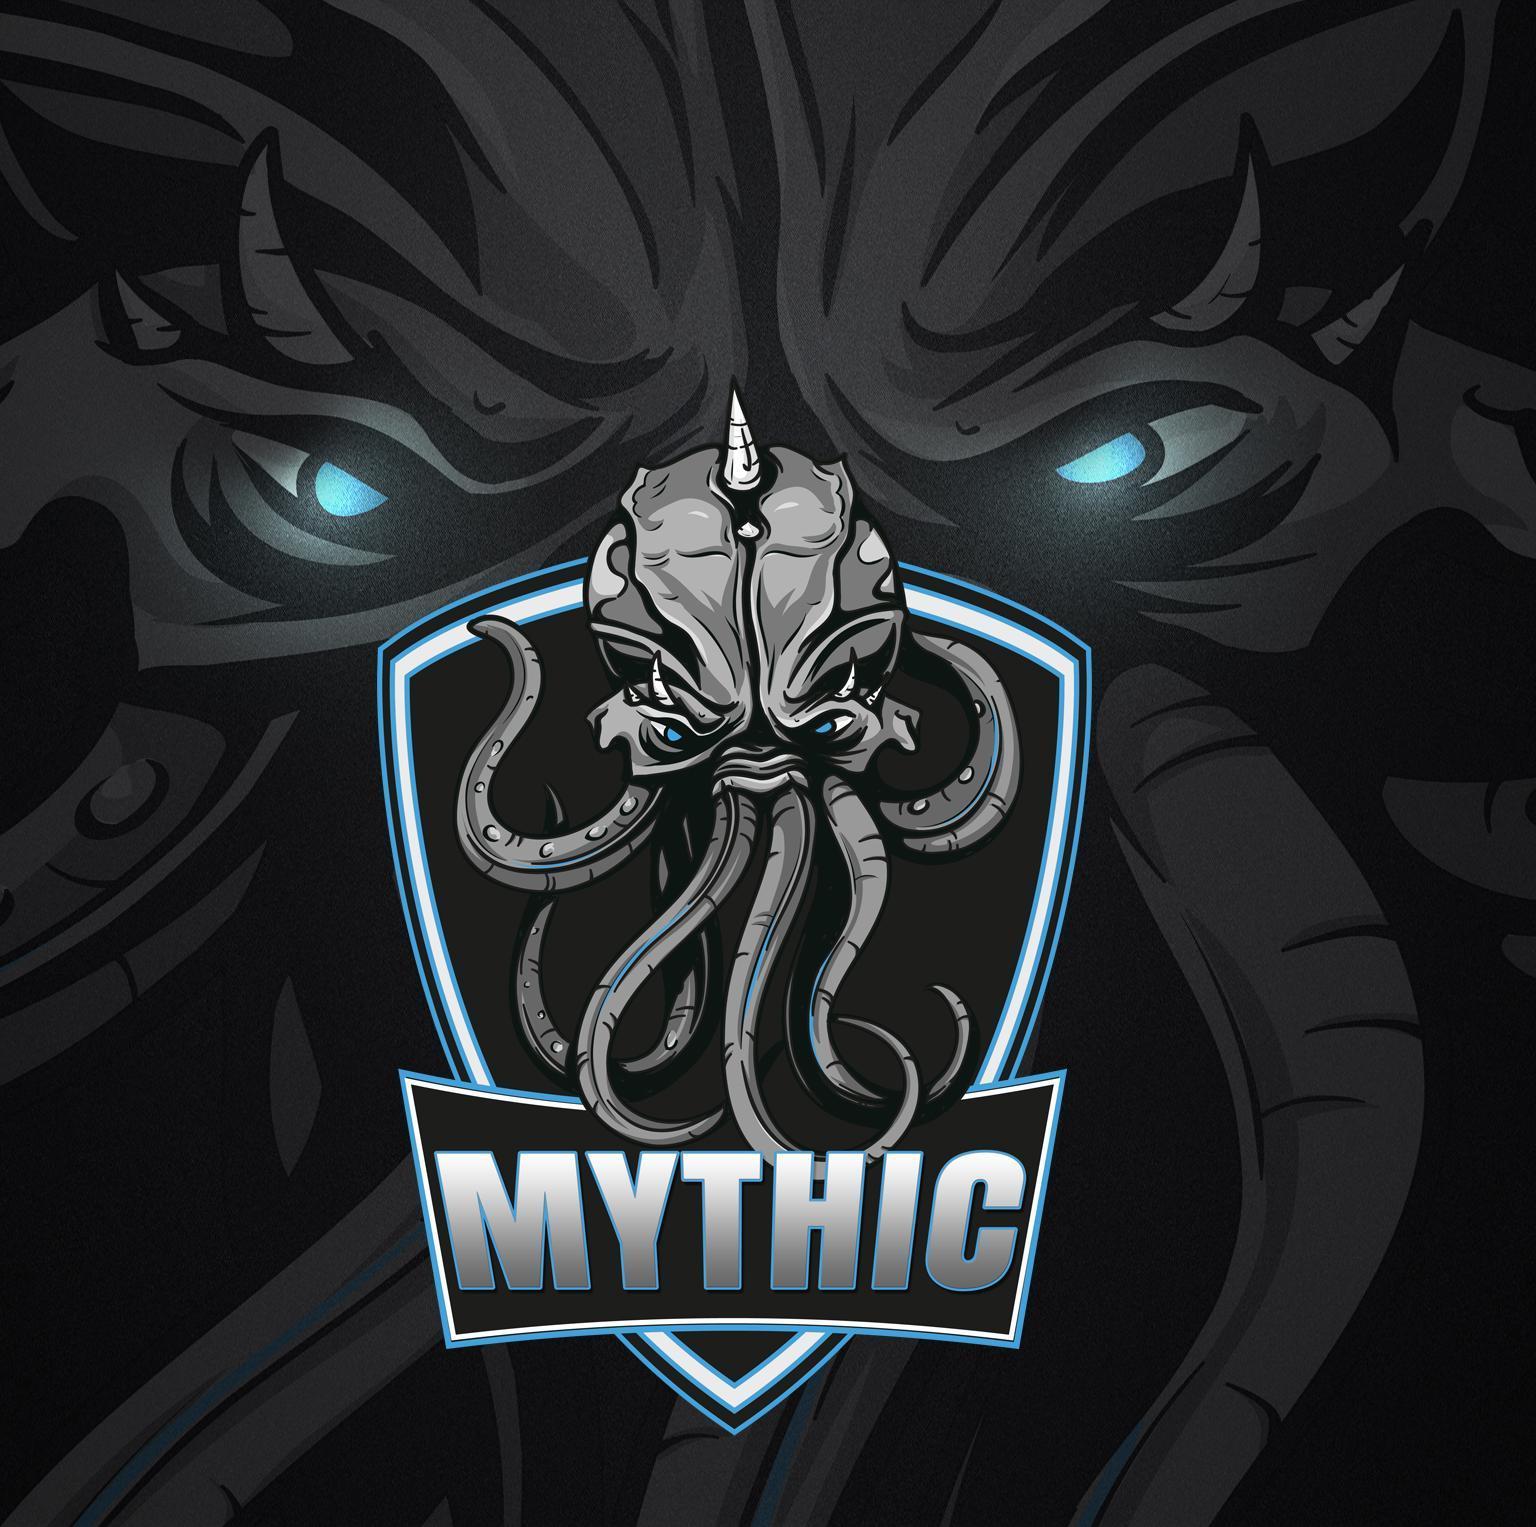 mythic csgo